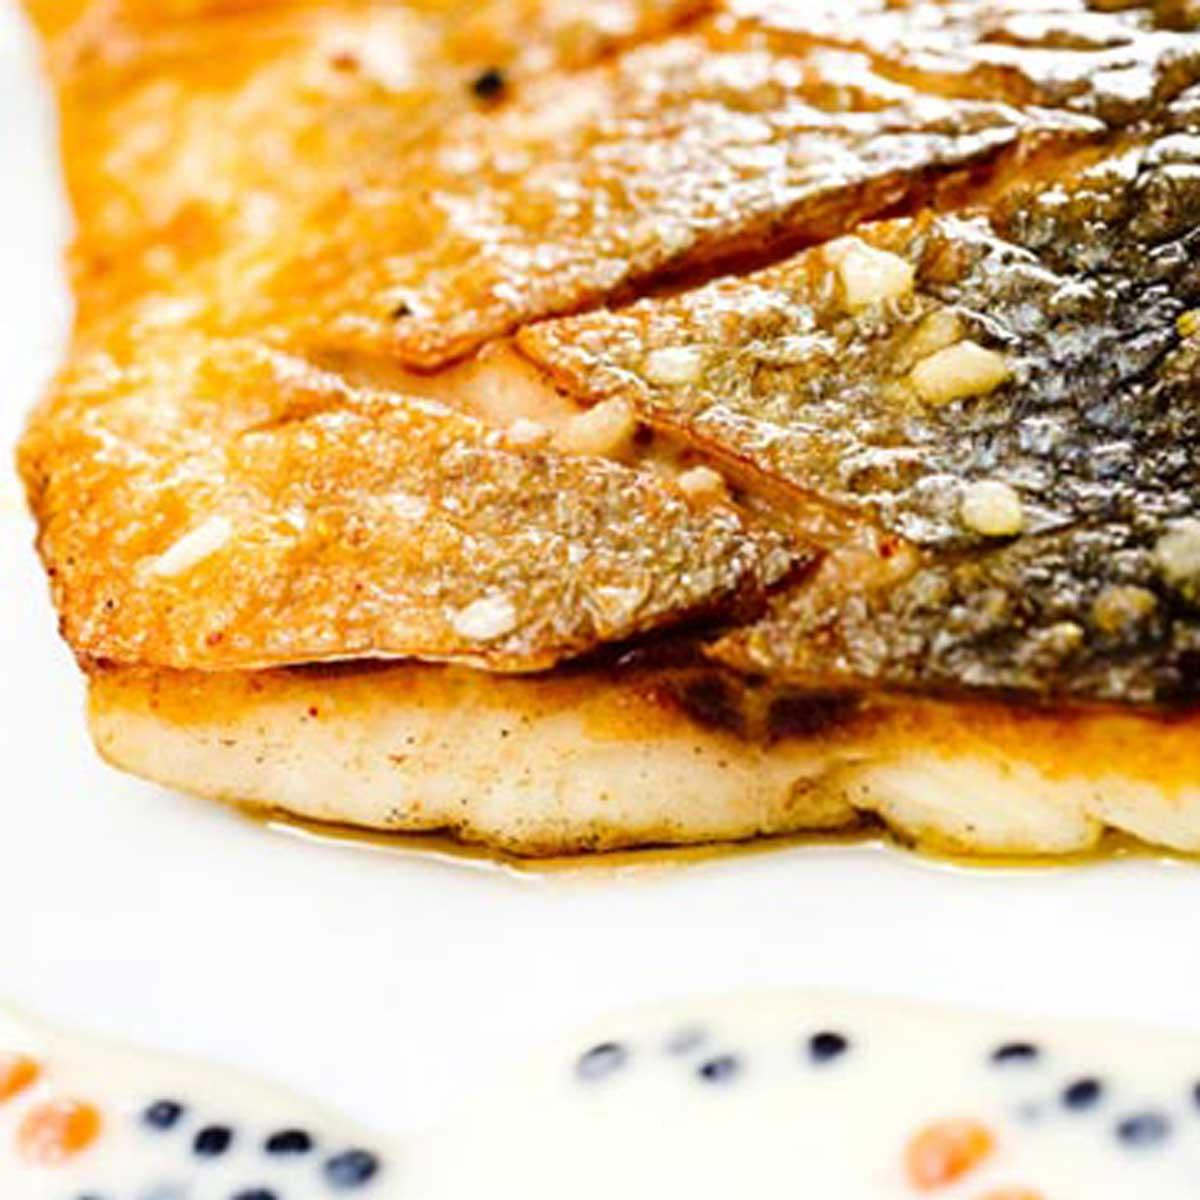 Bar clout au gros sel et cannelloni de caviar d - Desherber au gros sel ...